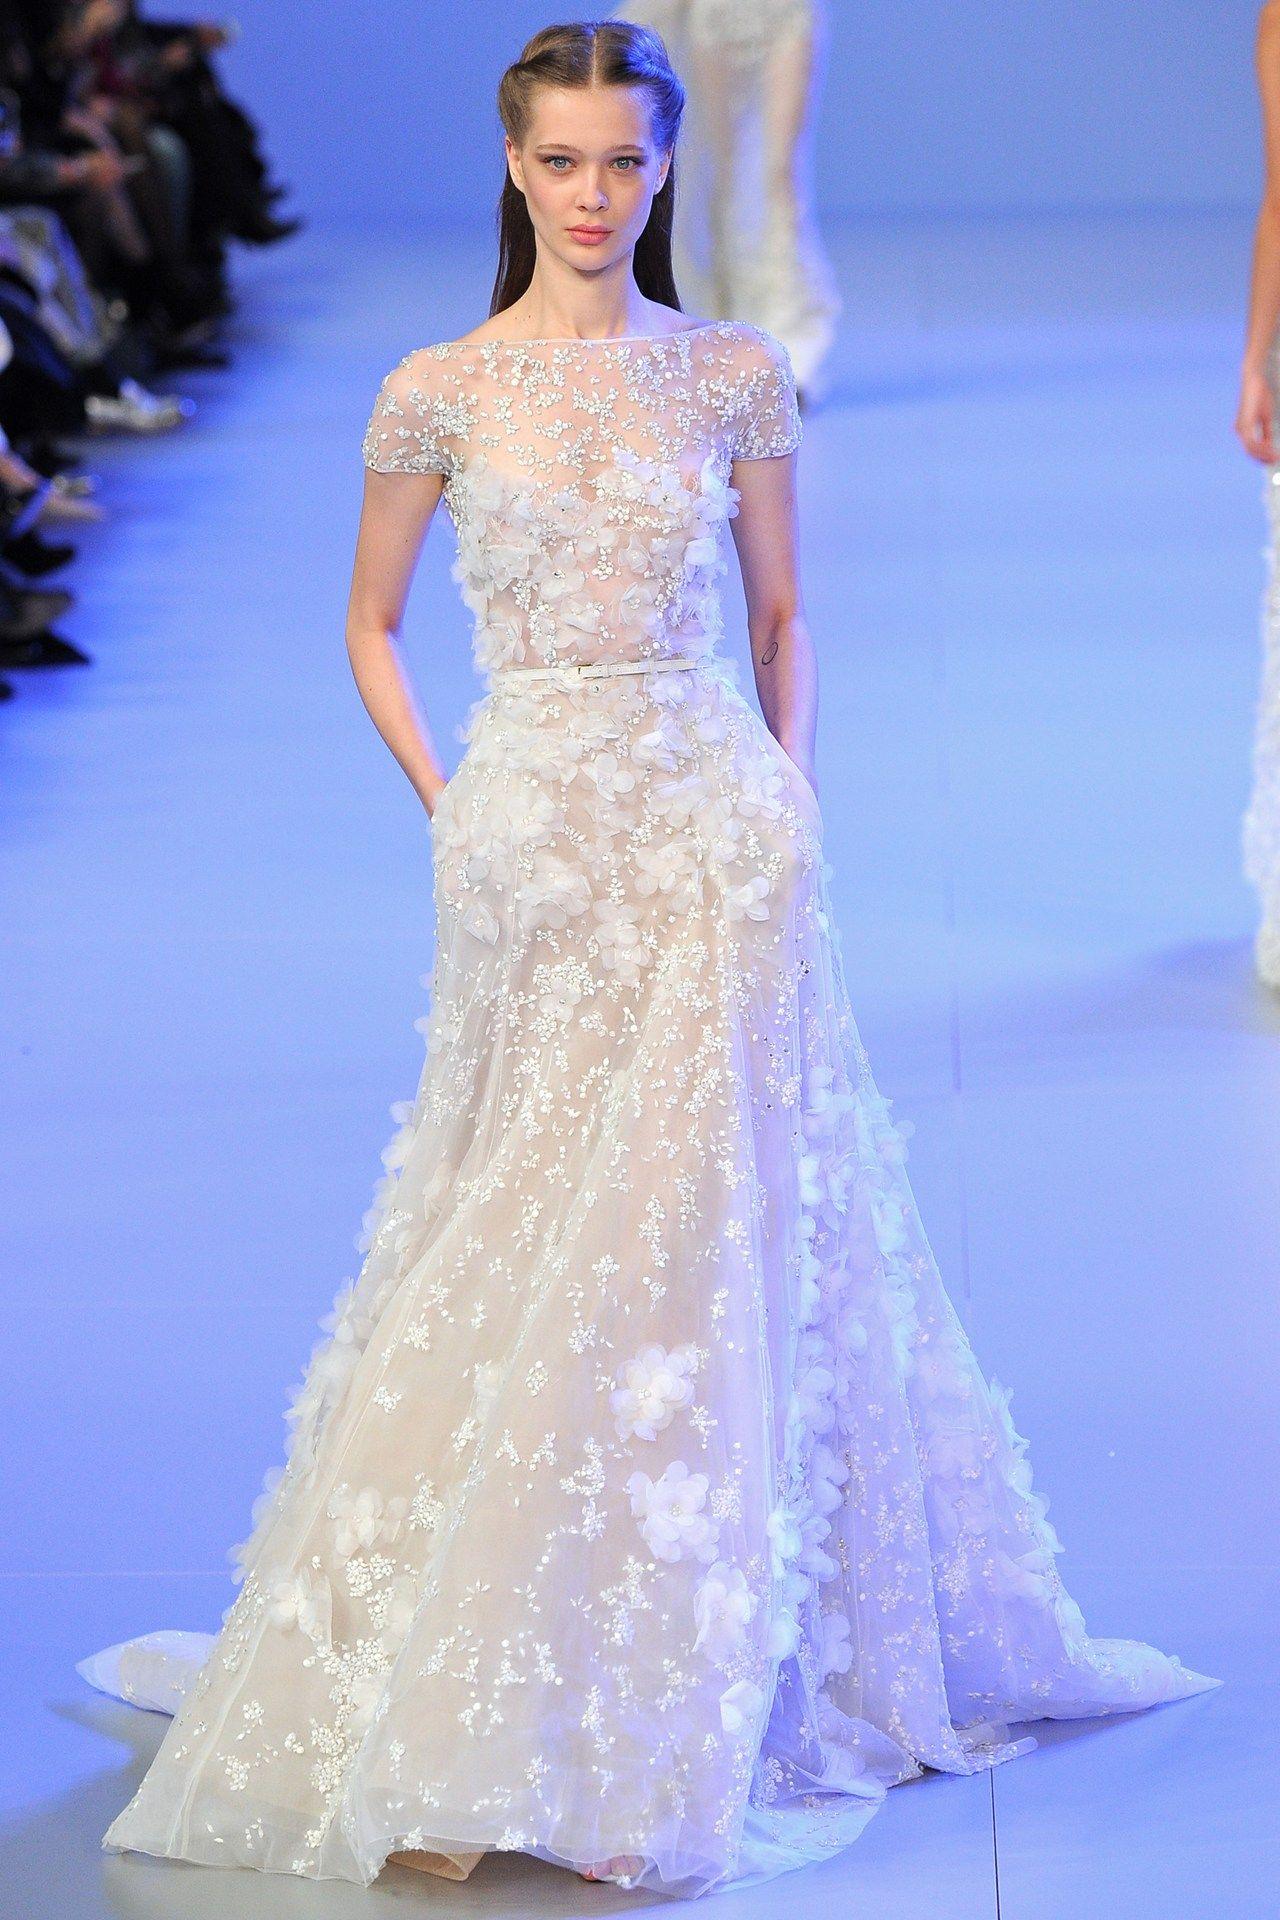 Elie saab springsummer couture show report wedding summer